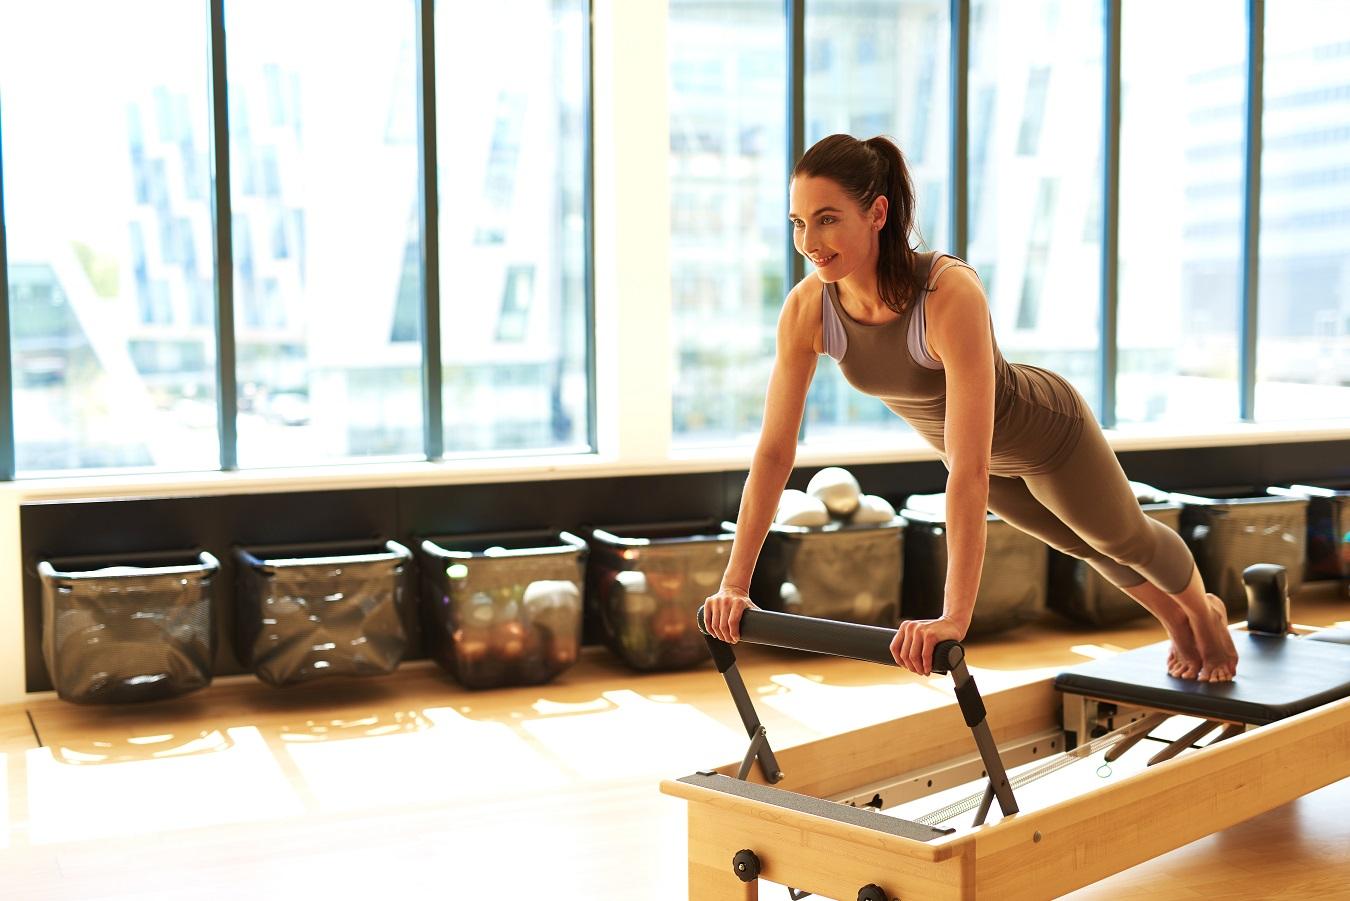 Você sabia que o Pilates pode te ajudar na prevenção de doenças cardiovasculares?